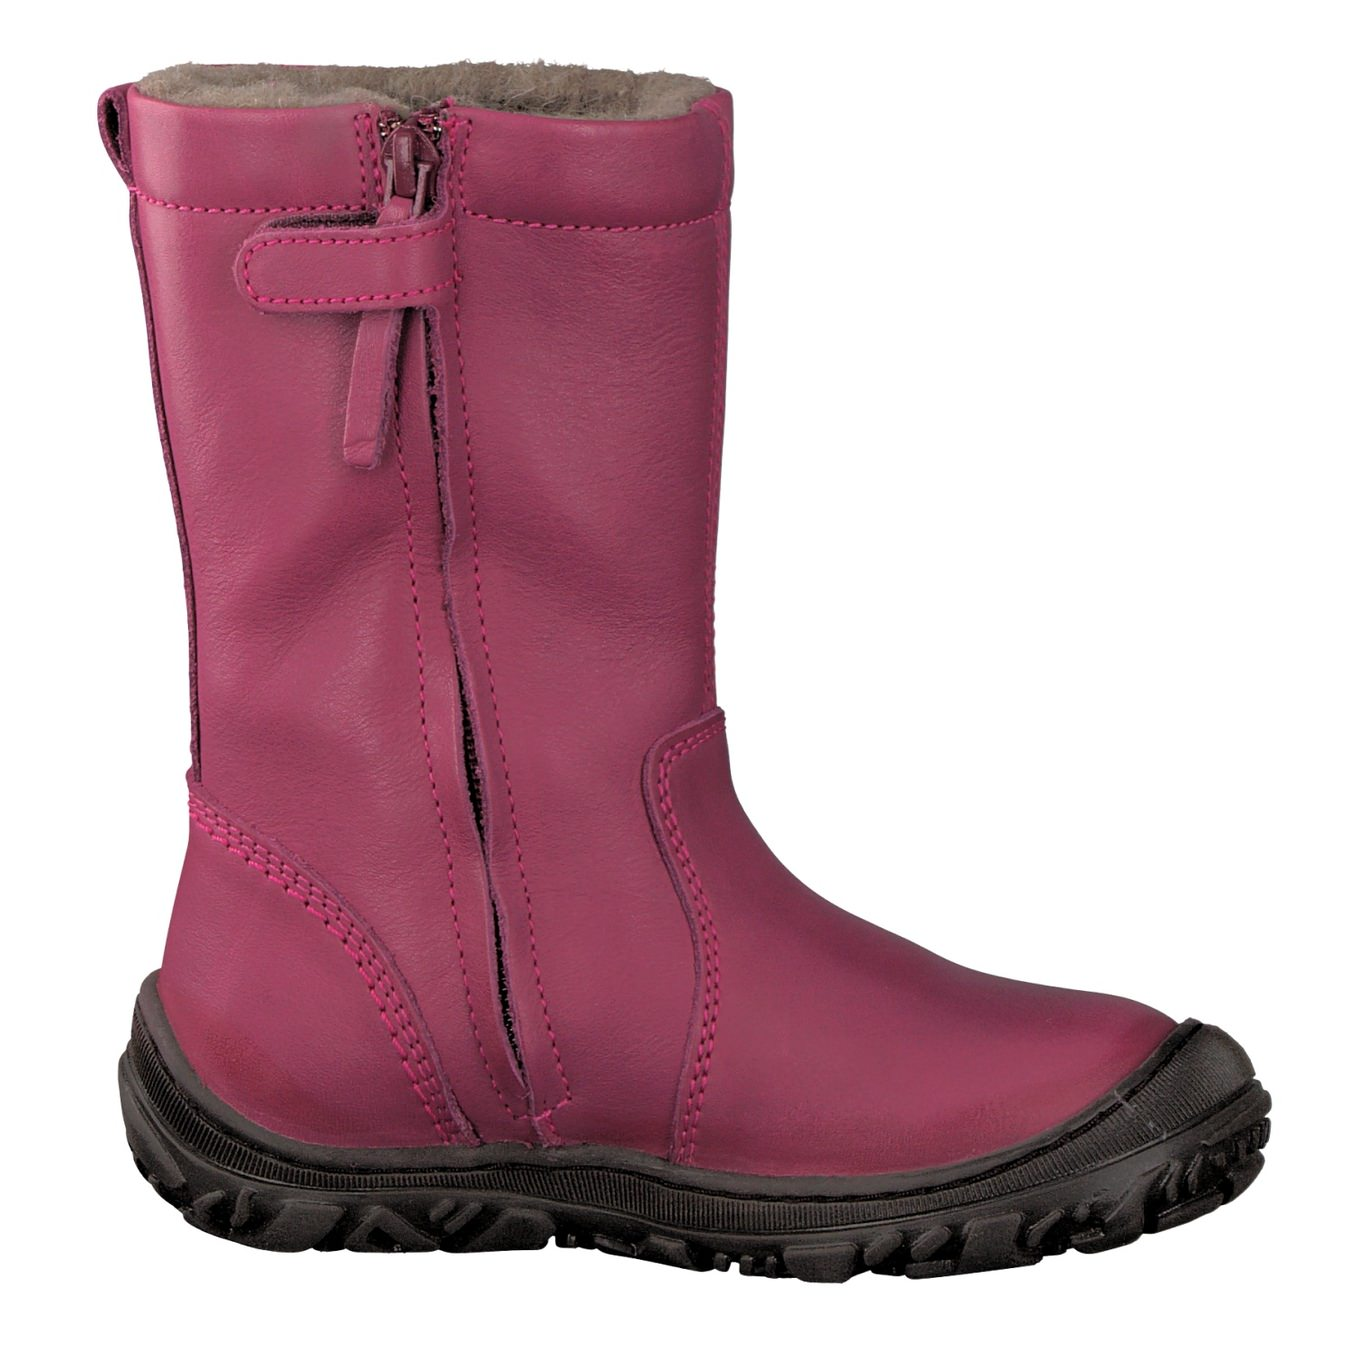 5e6d262c60b347 Bisgaard Kinder Stiefel in pink kaufen